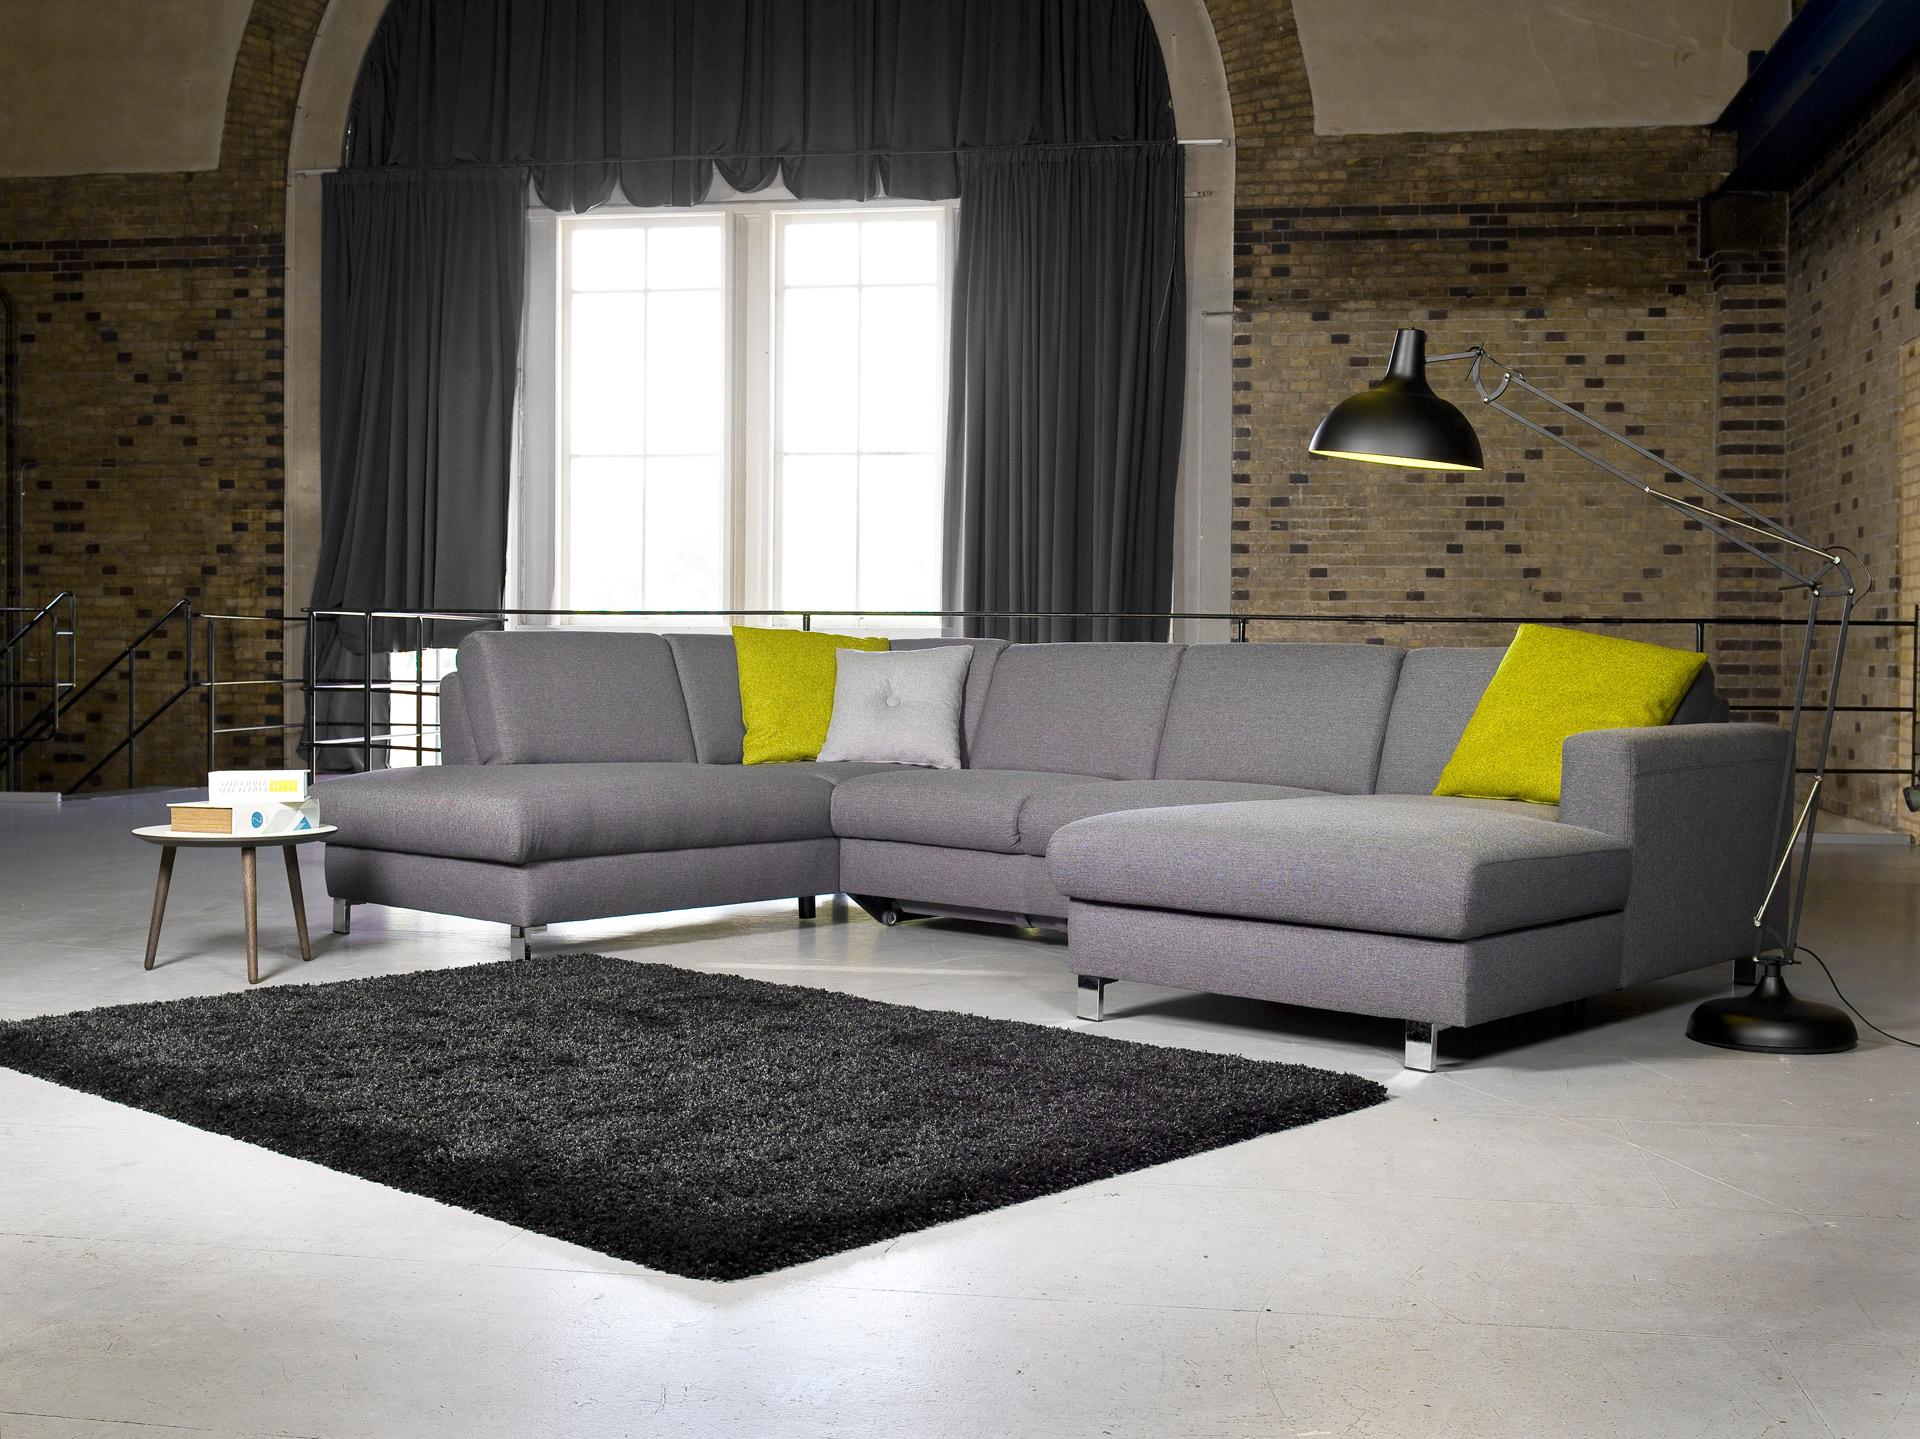 Lækker-sofa-taget-i-Århus-af-BB-studio